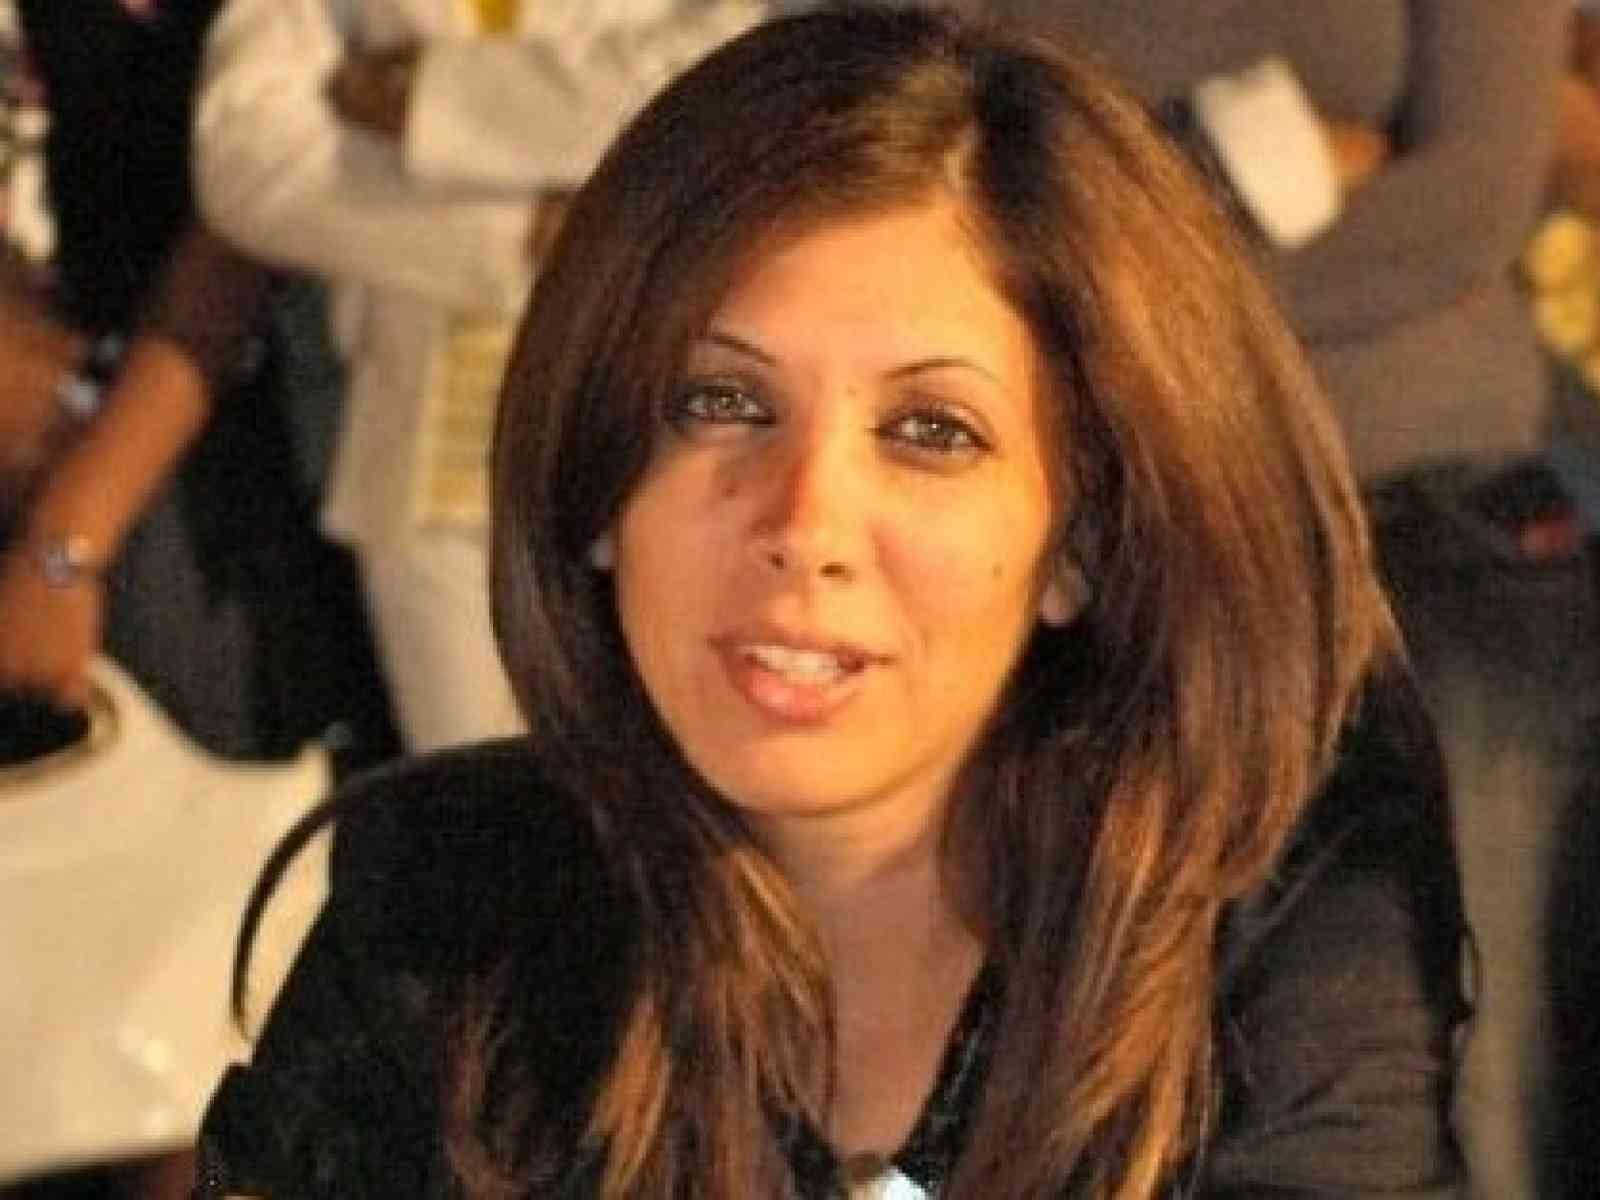 La giornalista menfitana Capizzi madrina di un premio culturale nazionale